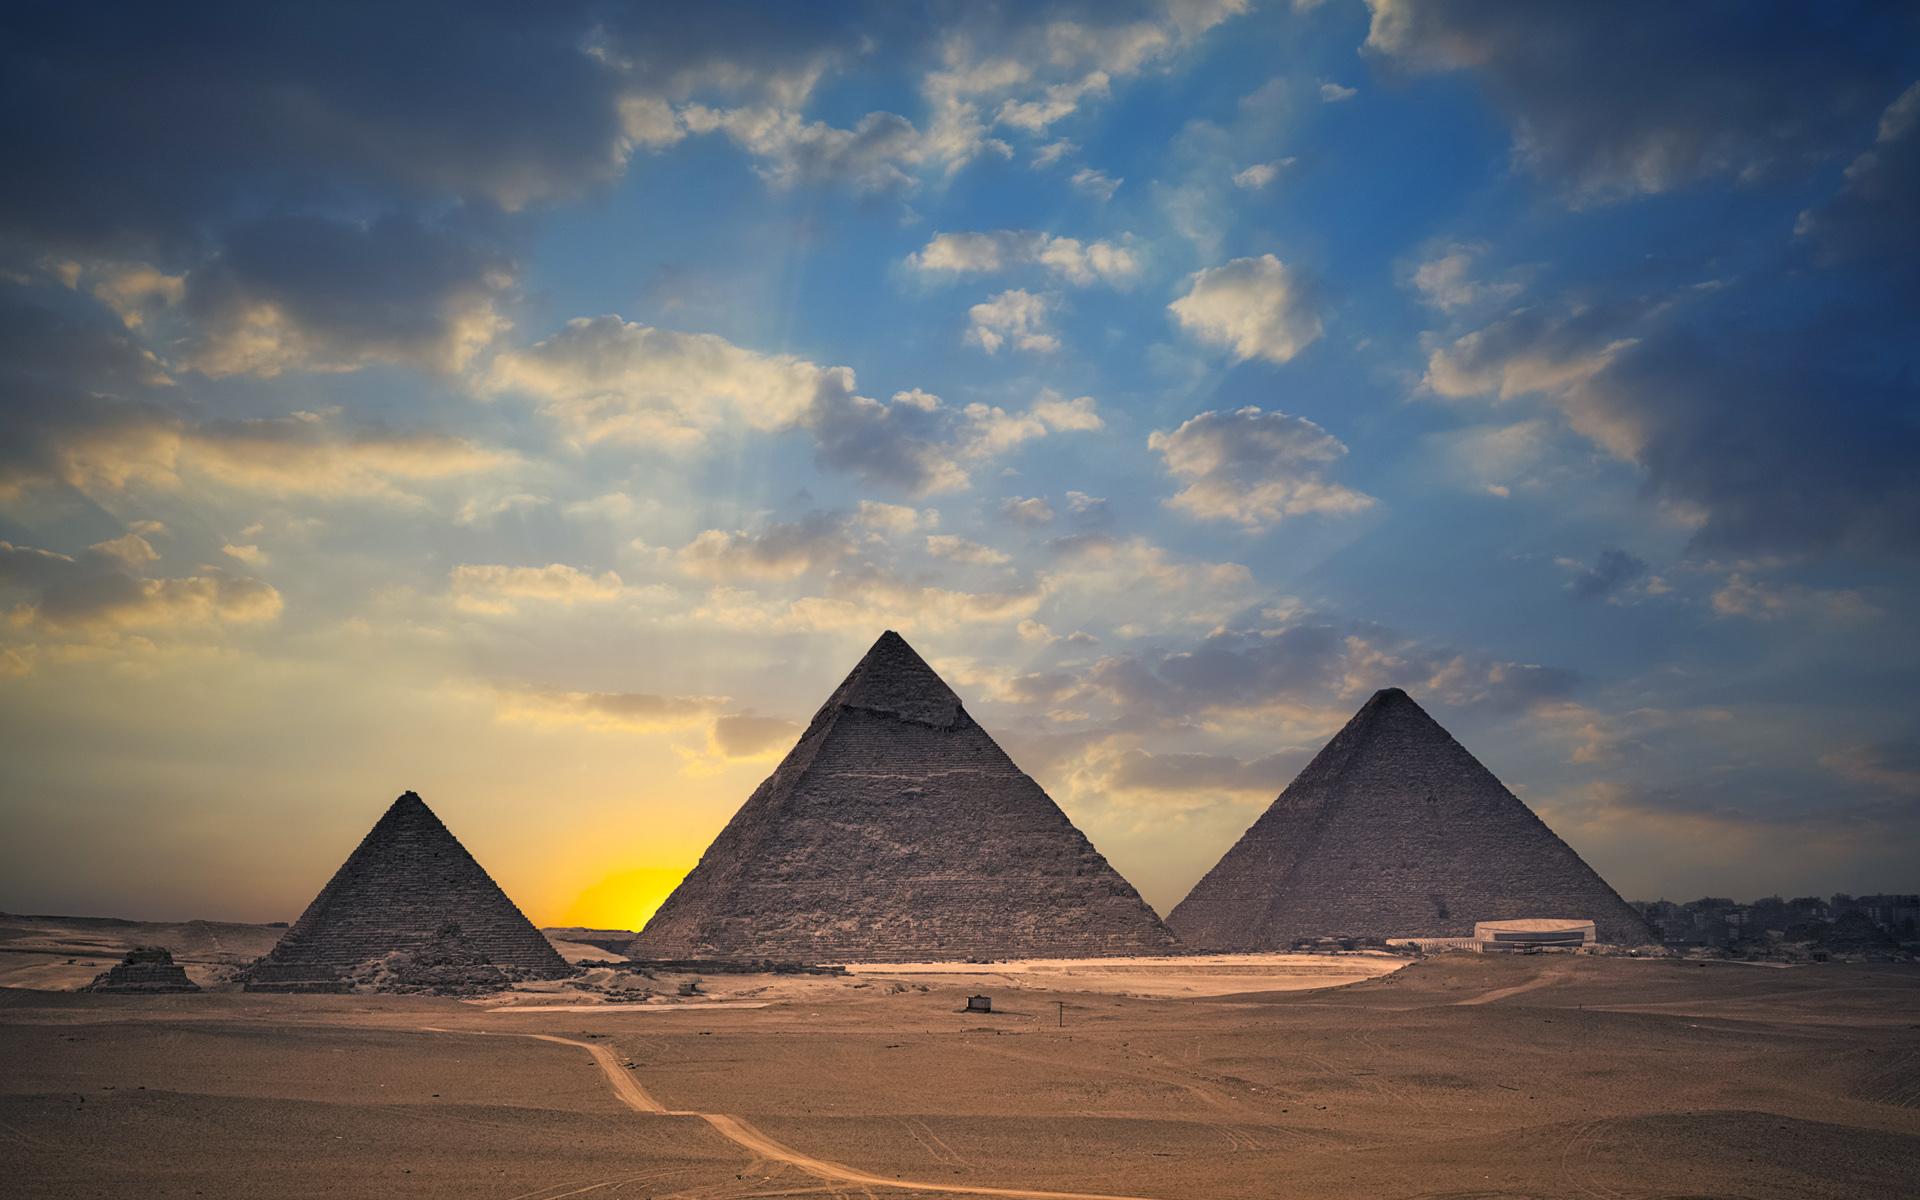 صور مصر جميلة اماكن سياحية رائعة بالقاهرة صور حلوه